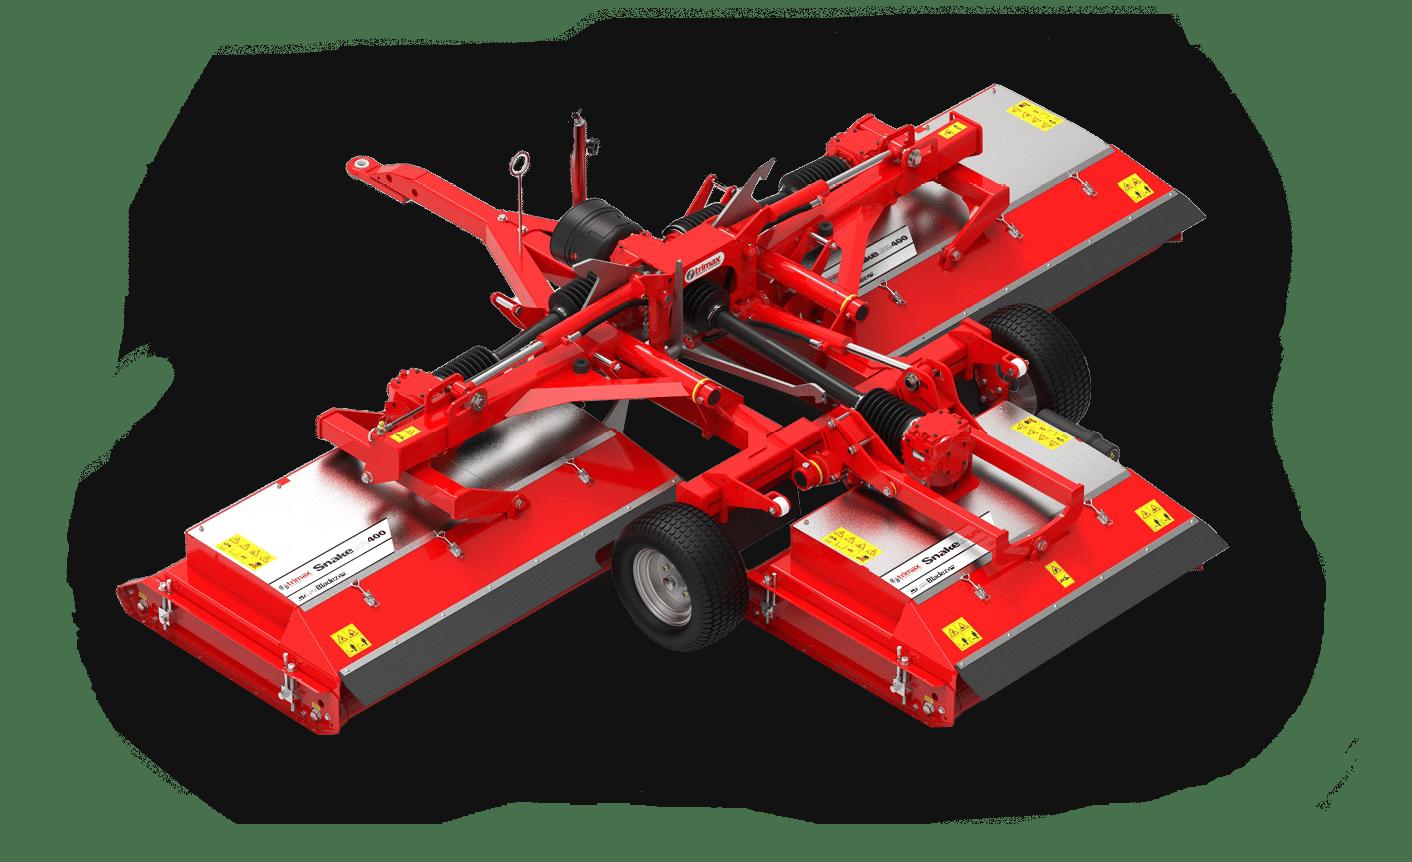 Snake S2-400 Mower Red